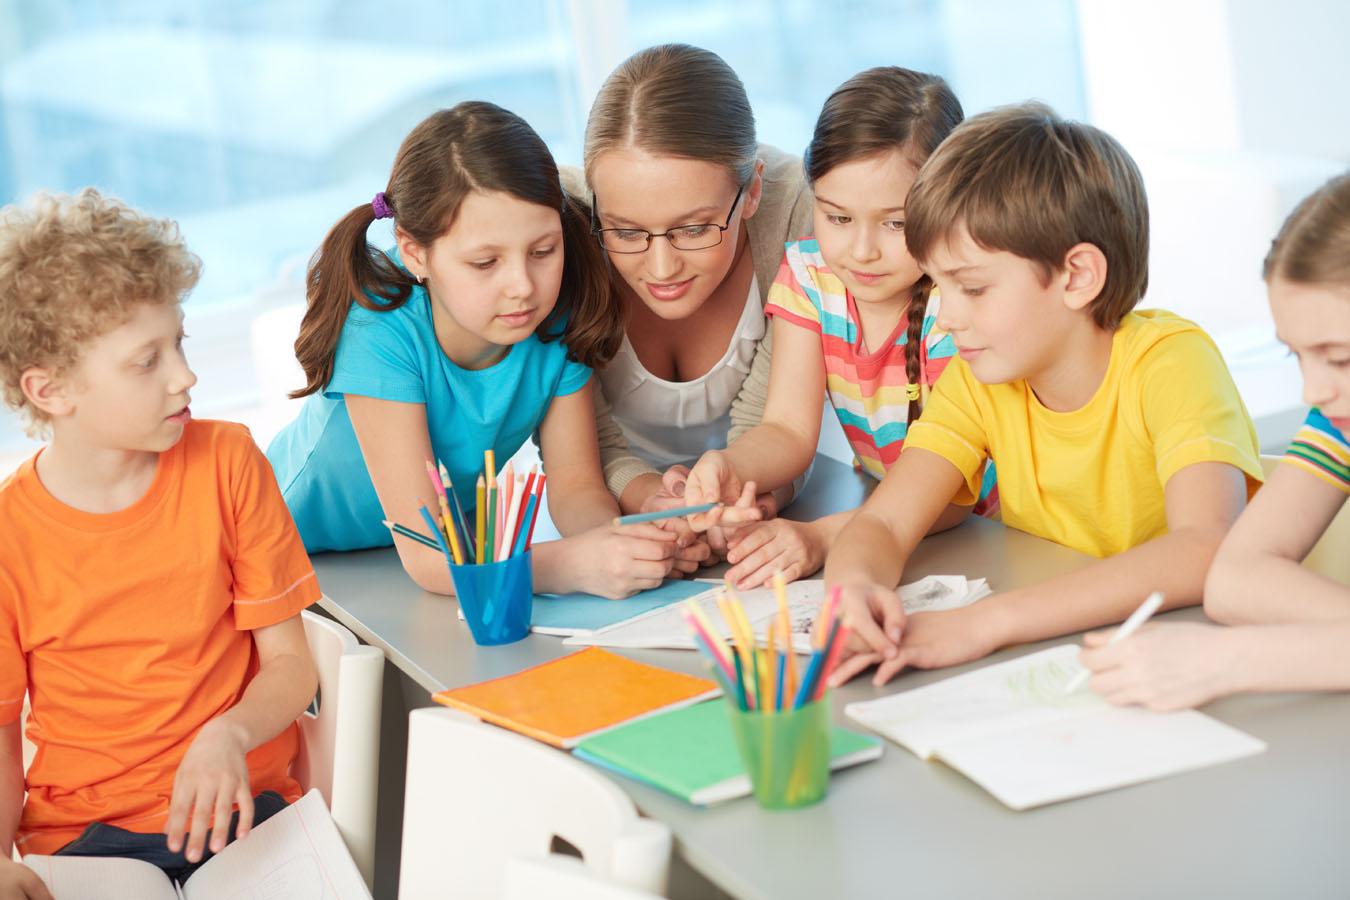 Una giovane operatrice colora dei disegni insieme al suo gruppo di bambini